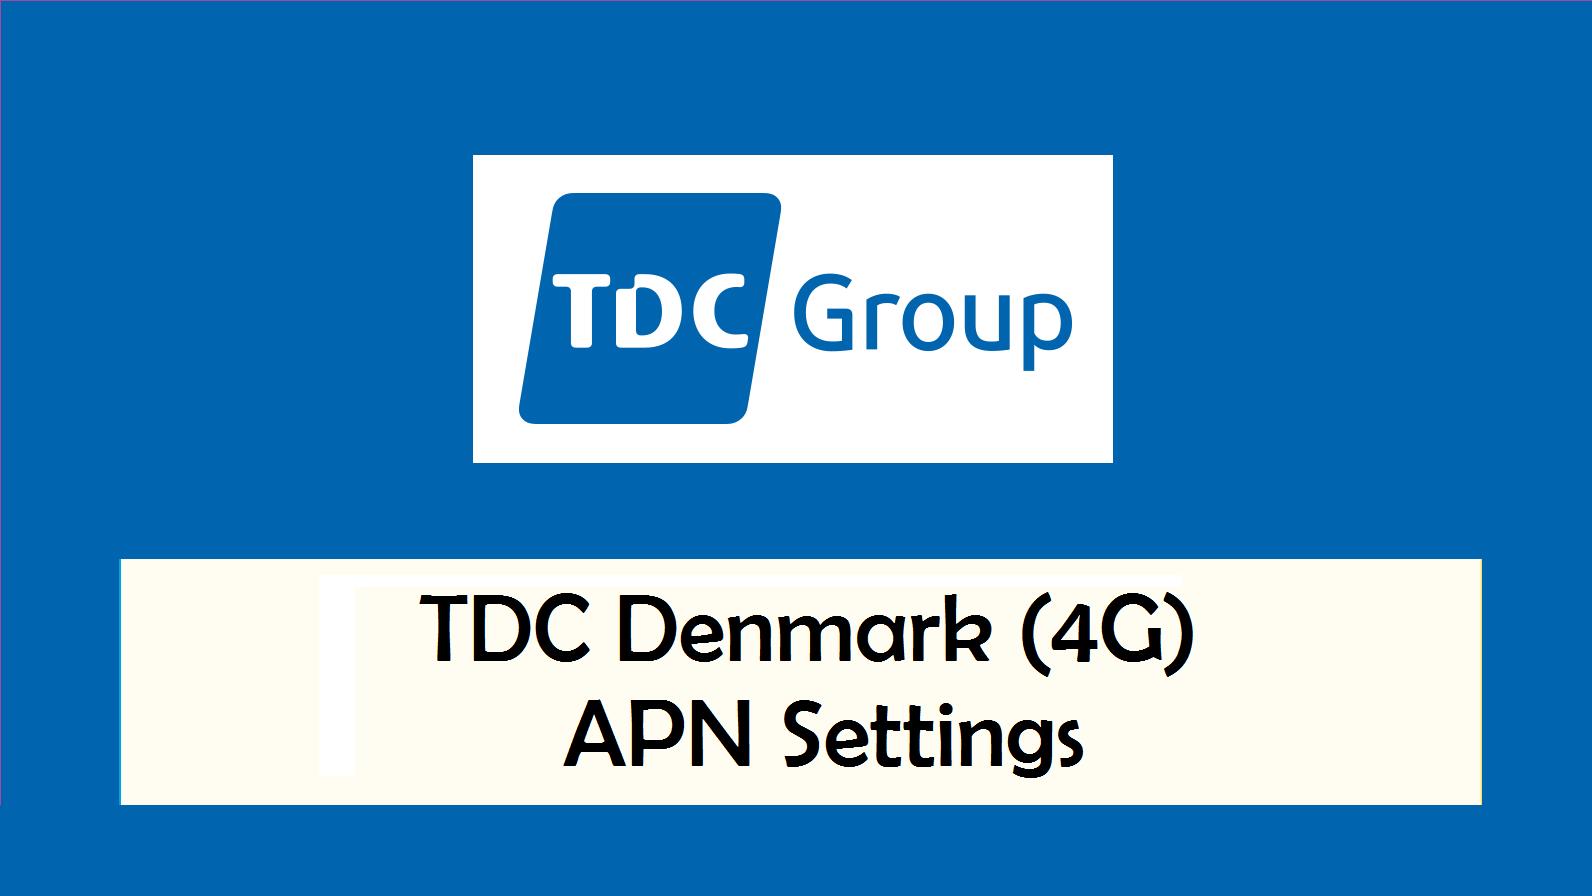 TDC Denmark (4G) APN Settings